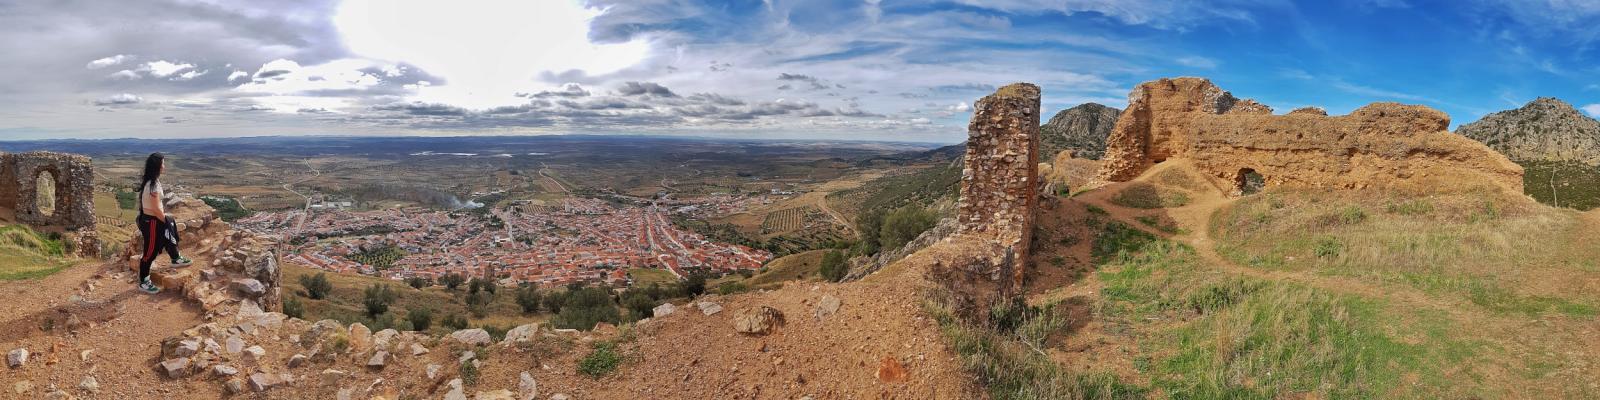 La Diputación de Badajoz colaborará en los primeros trabajos de consolidación del castillo de Hornachos